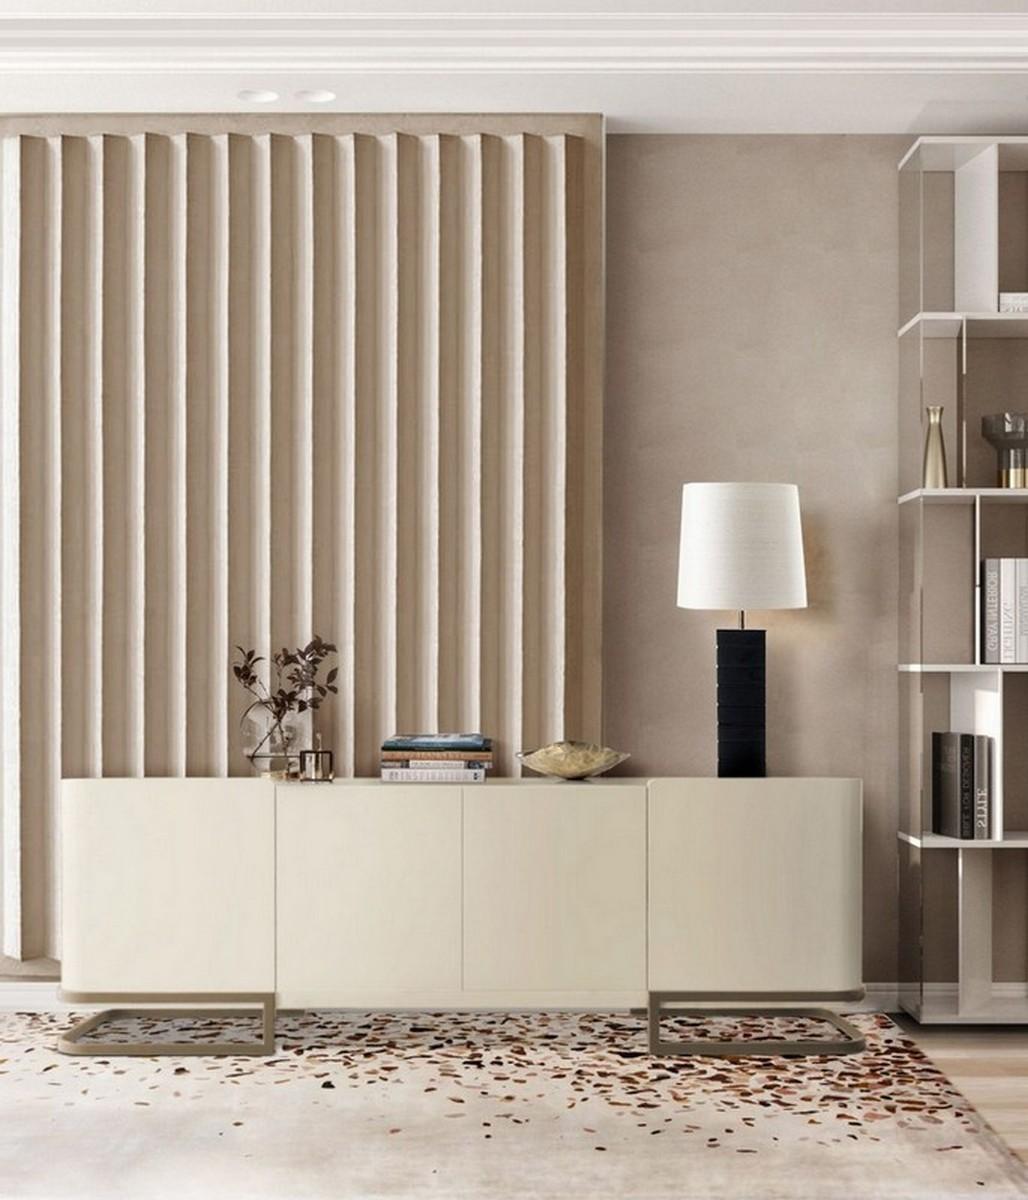 Muebles poderosos: Diseño de Interiores lujuoso y limpio con colores suaves muebles poderosos Muebles poderosos: Diseño de Interiores lujuoso y limpios con colores suaves hTrKGxFA